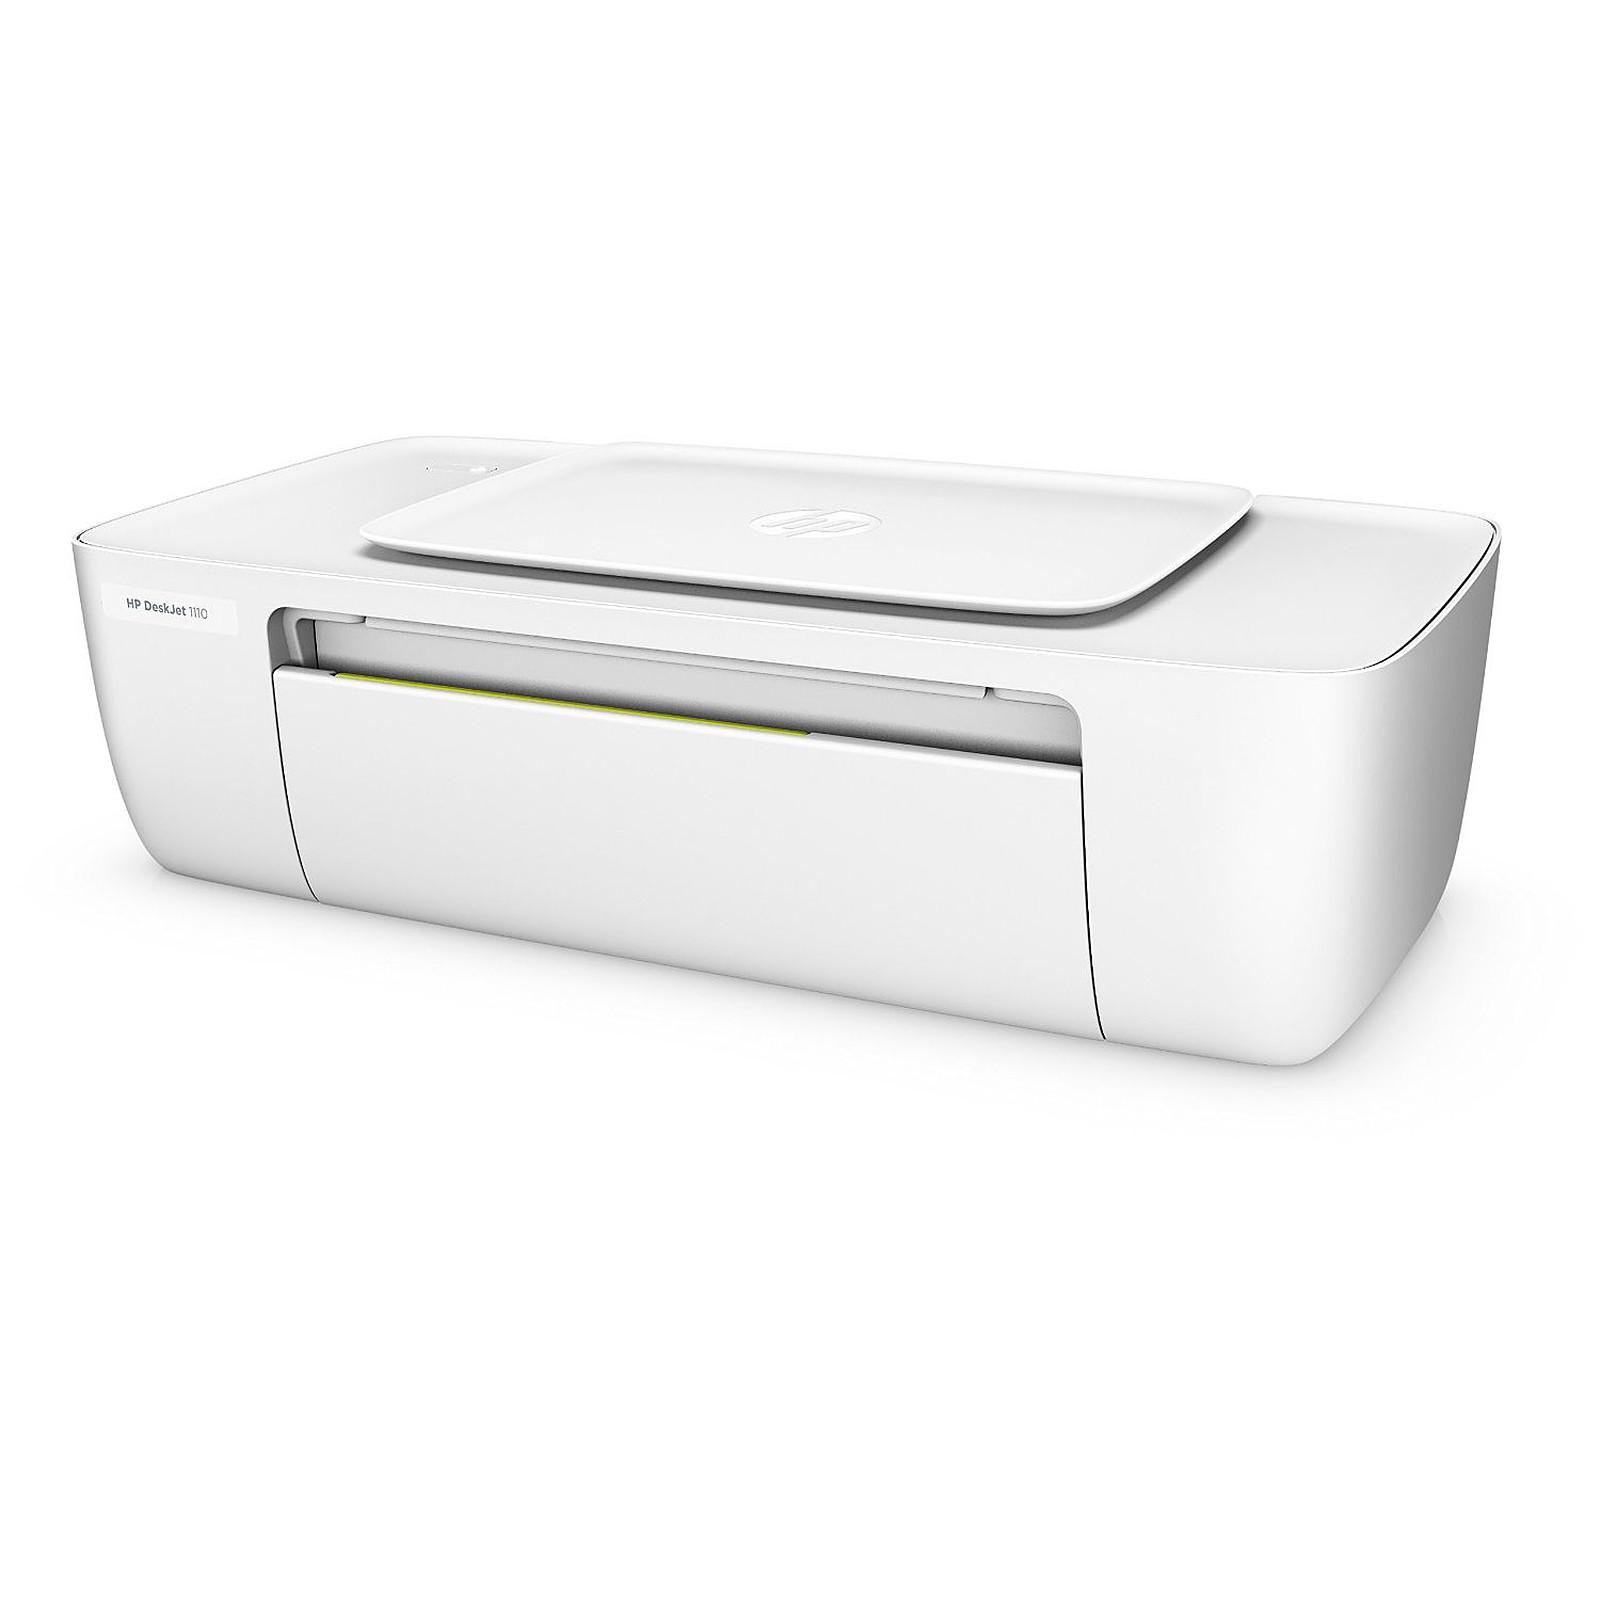 HP Deskjet 1110 - Imprimante jet d'encre HP sur LDLC.com ...